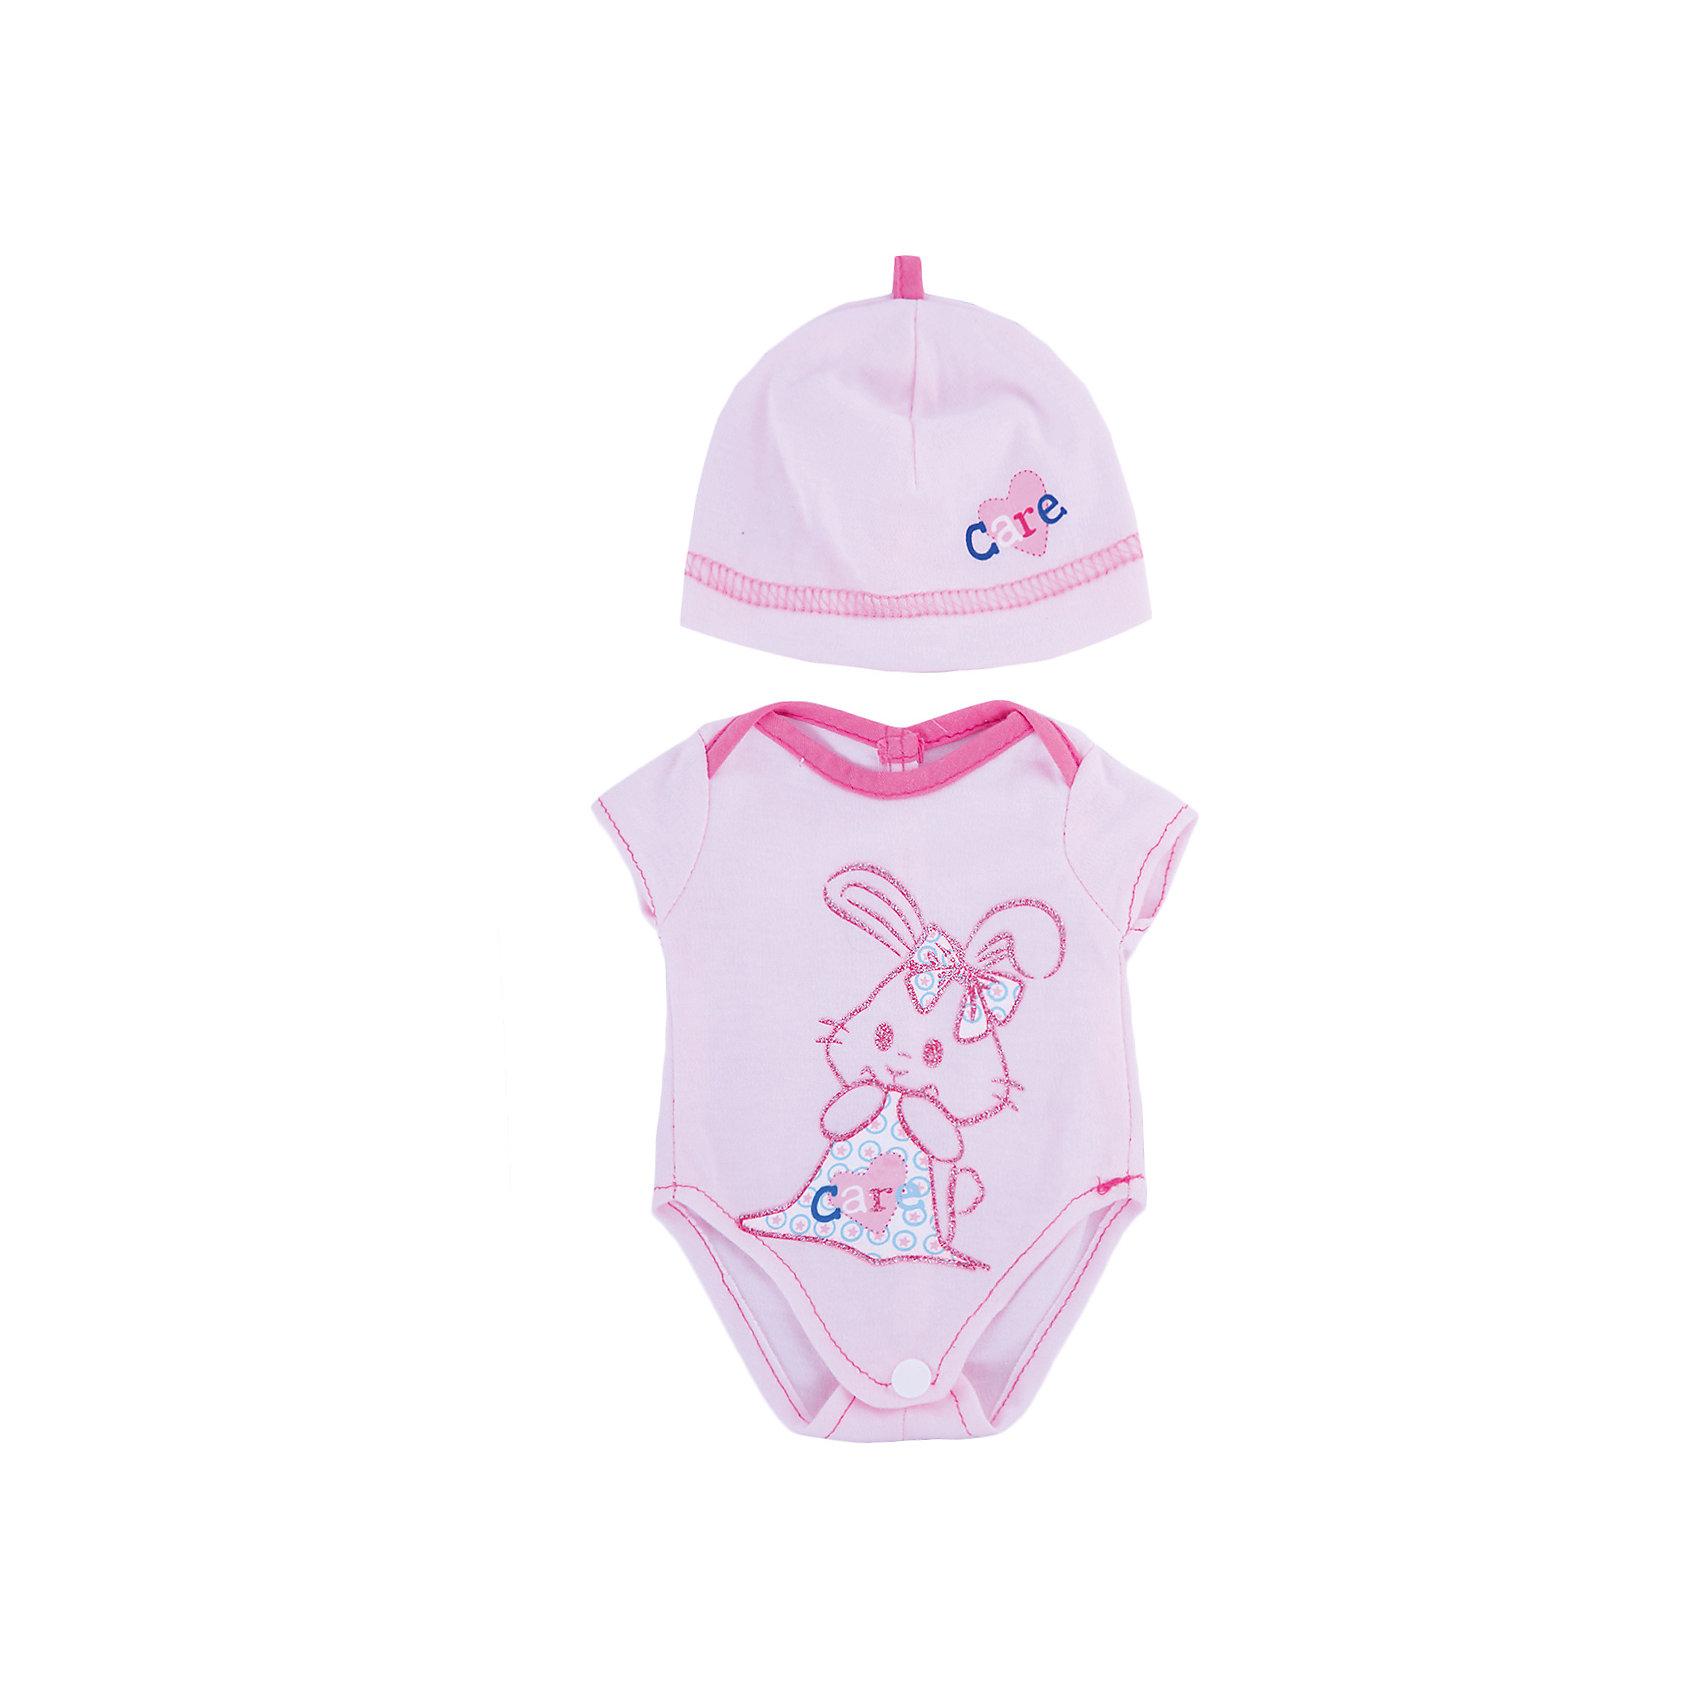 Одежда для кукол Розовое боди в наборе с шапочкойКукольная одежда и аксессуары<br>Одежда для кукол: боди (розовый цвет) в наборе с шапочкой, размер: 30x20см, текстильные материалы, от 1 года<br><br>Ширина мм: 300<br>Глубина мм: 200<br>Высота мм: 10<br>Вес г: 521<br>Возраст от месяцев: 36<br>Возраст до месяцев: 144<br>Пол: Женский<br>Возраст: Детский<br>SKU: 4896508